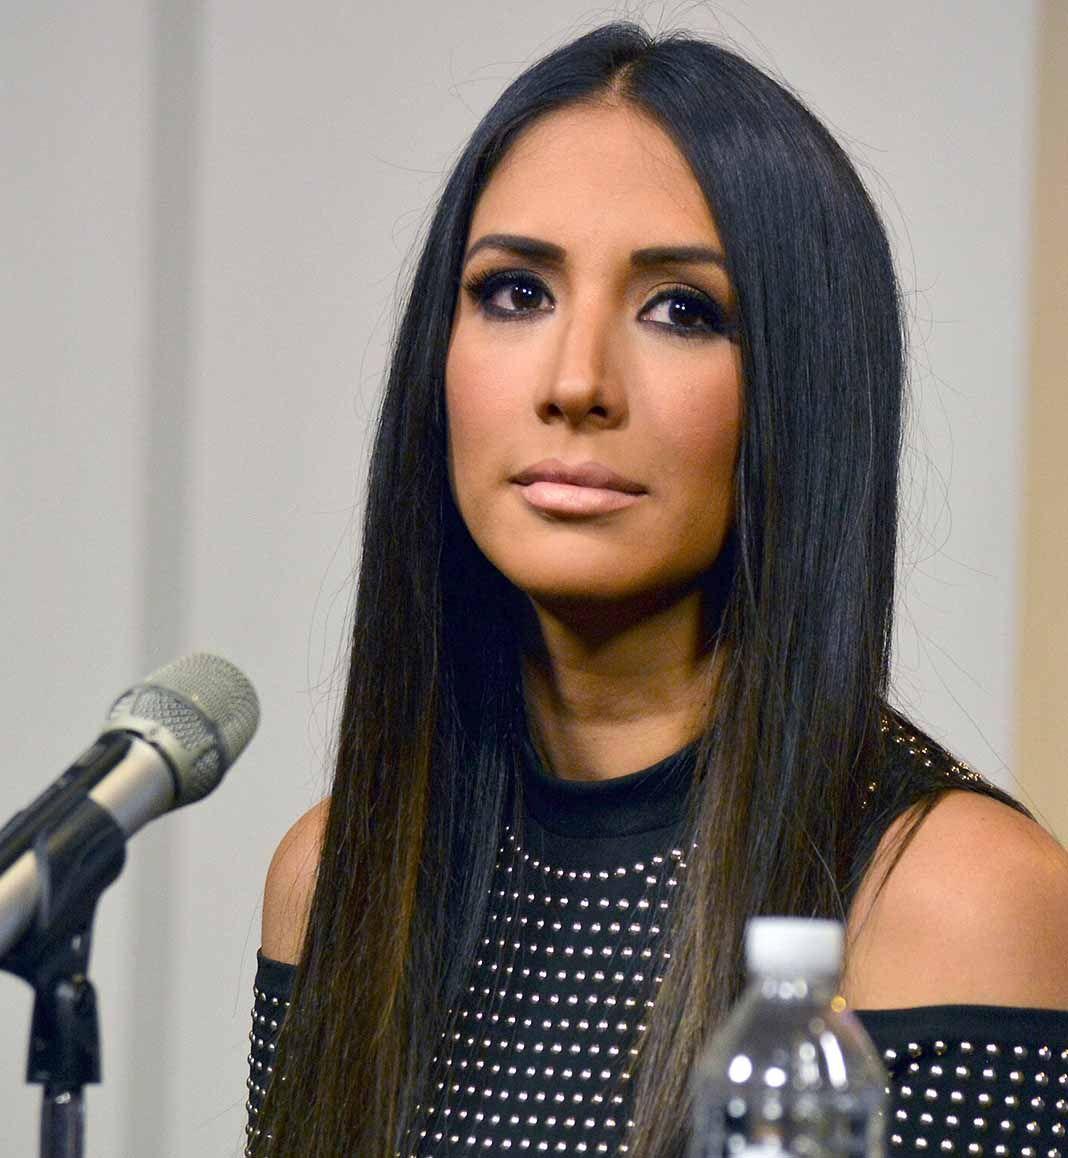 La actriz y presentadora dice que se desmayó al caer, como siempre le sucede cuando le da miedo